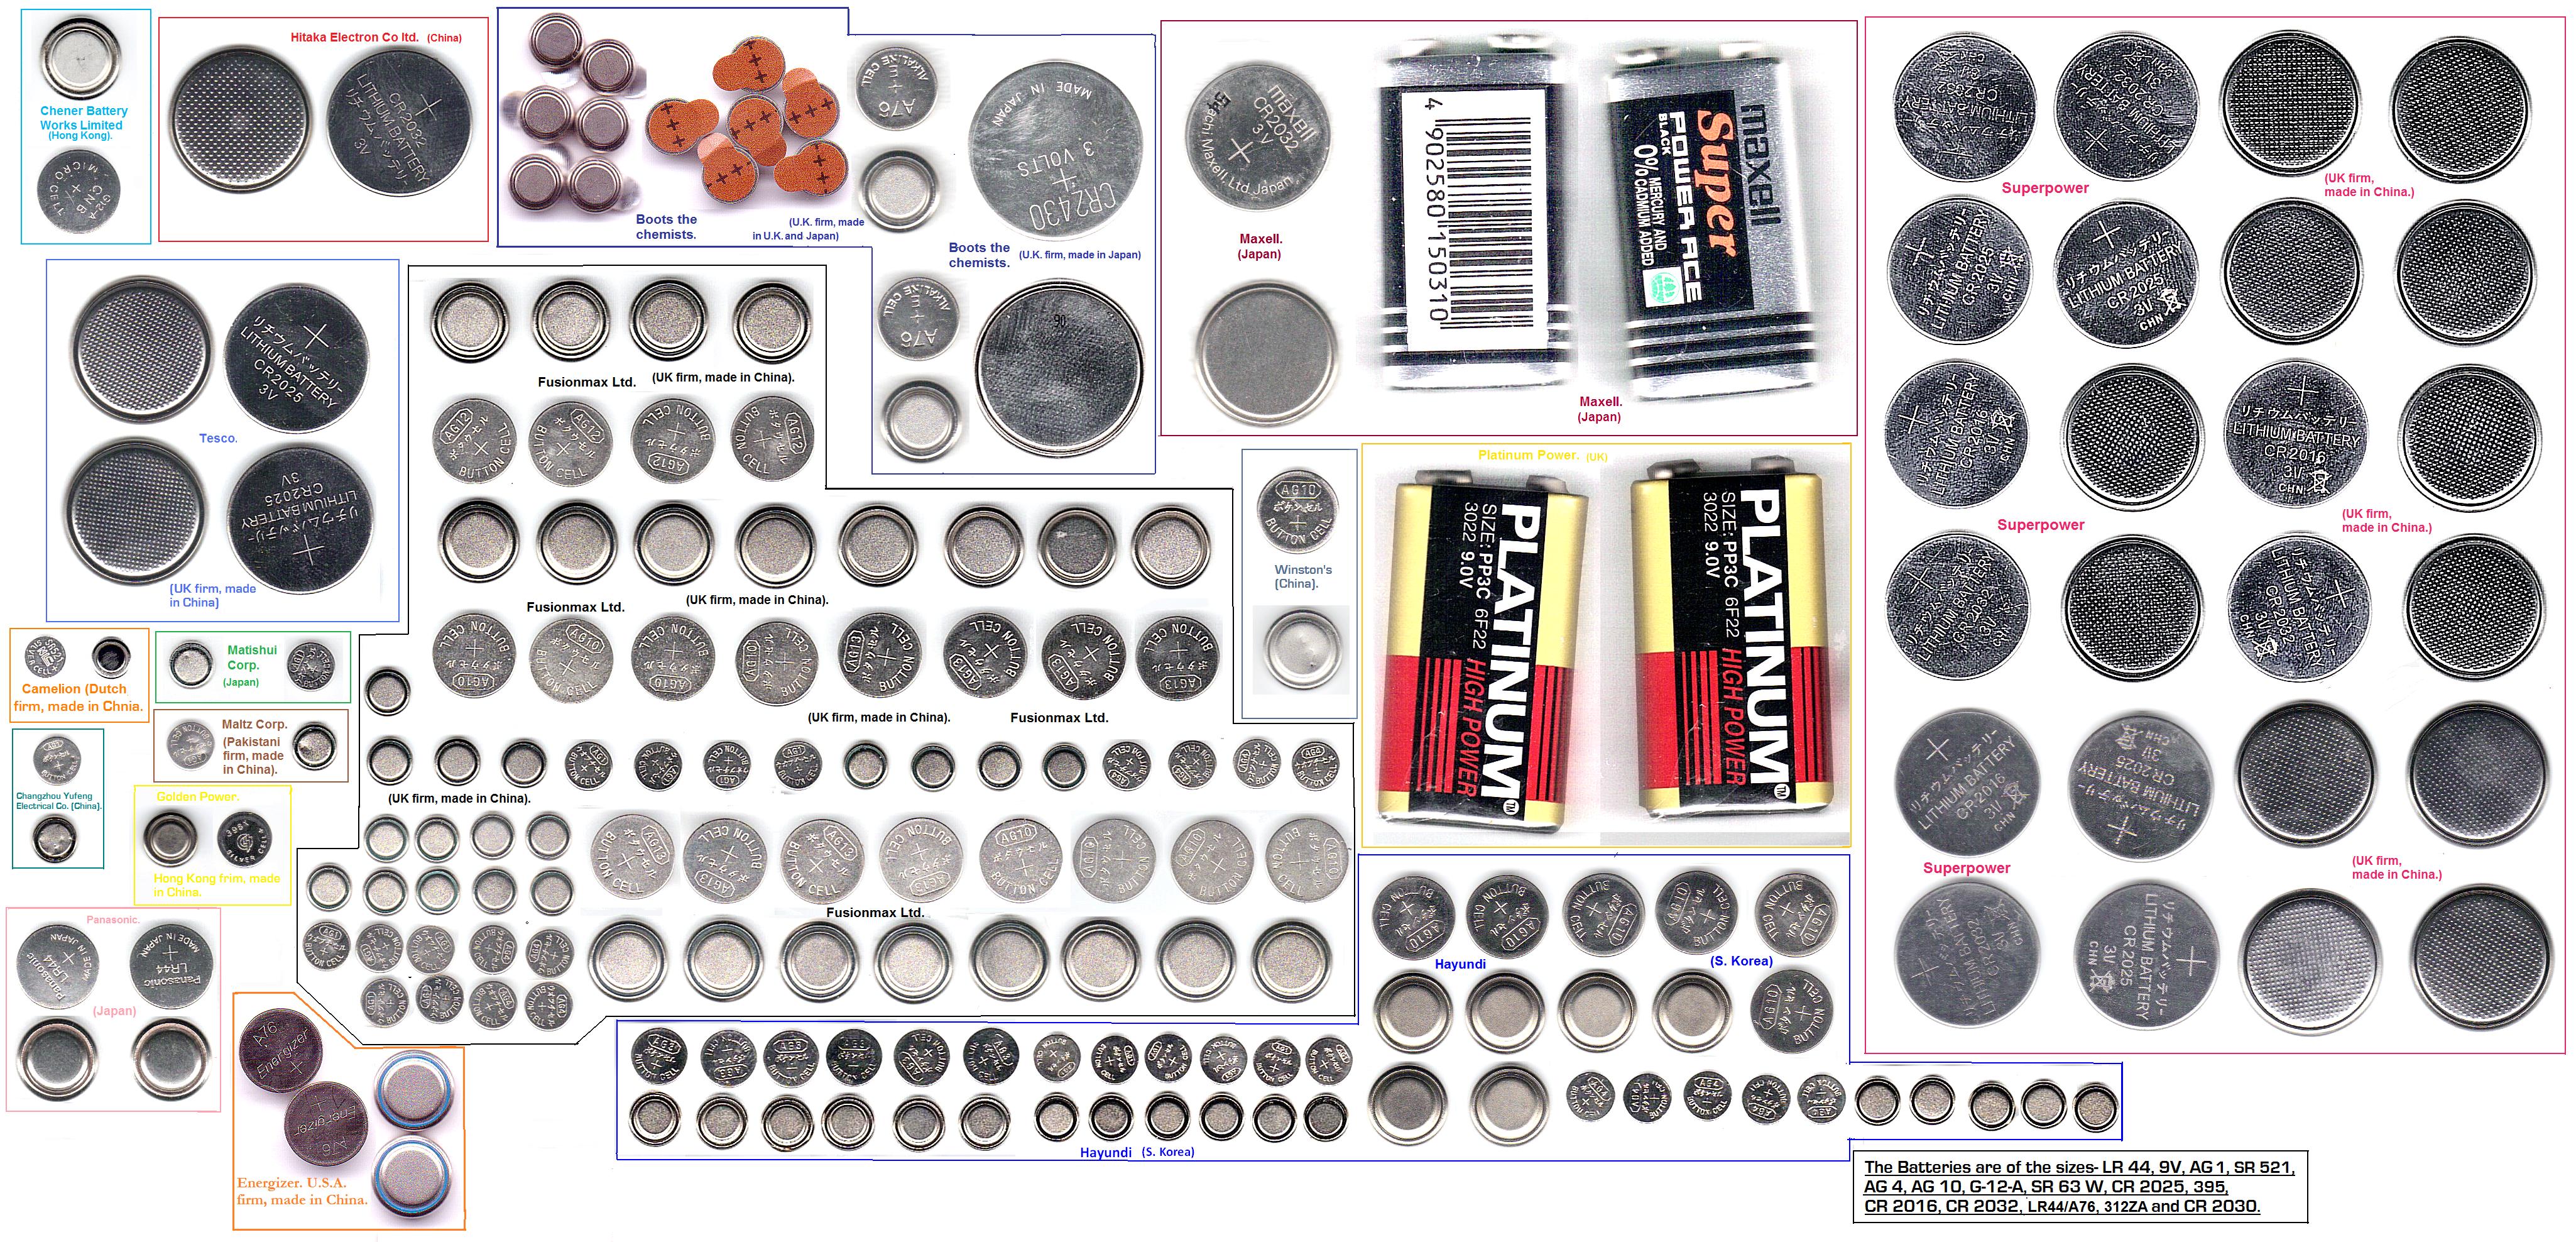 Watch battery sizes chart google search pinterest also charts keninamas rh